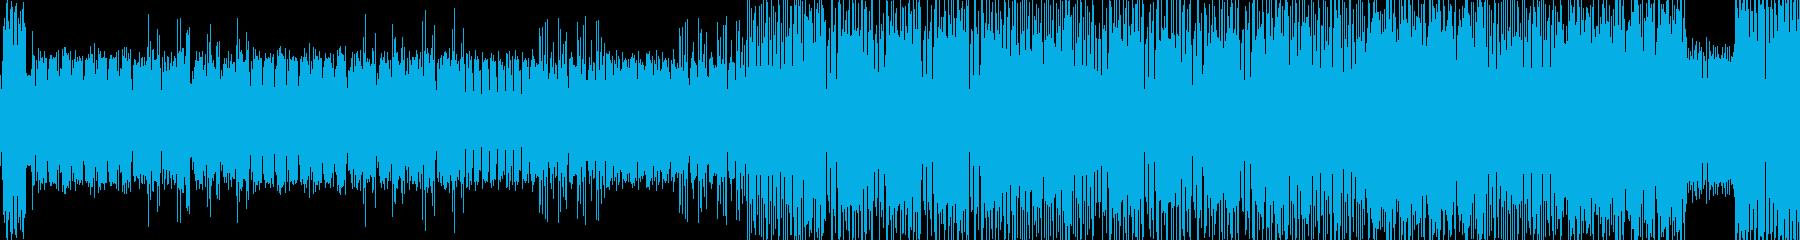 ビキビキといった電子音などの再生済みの波形